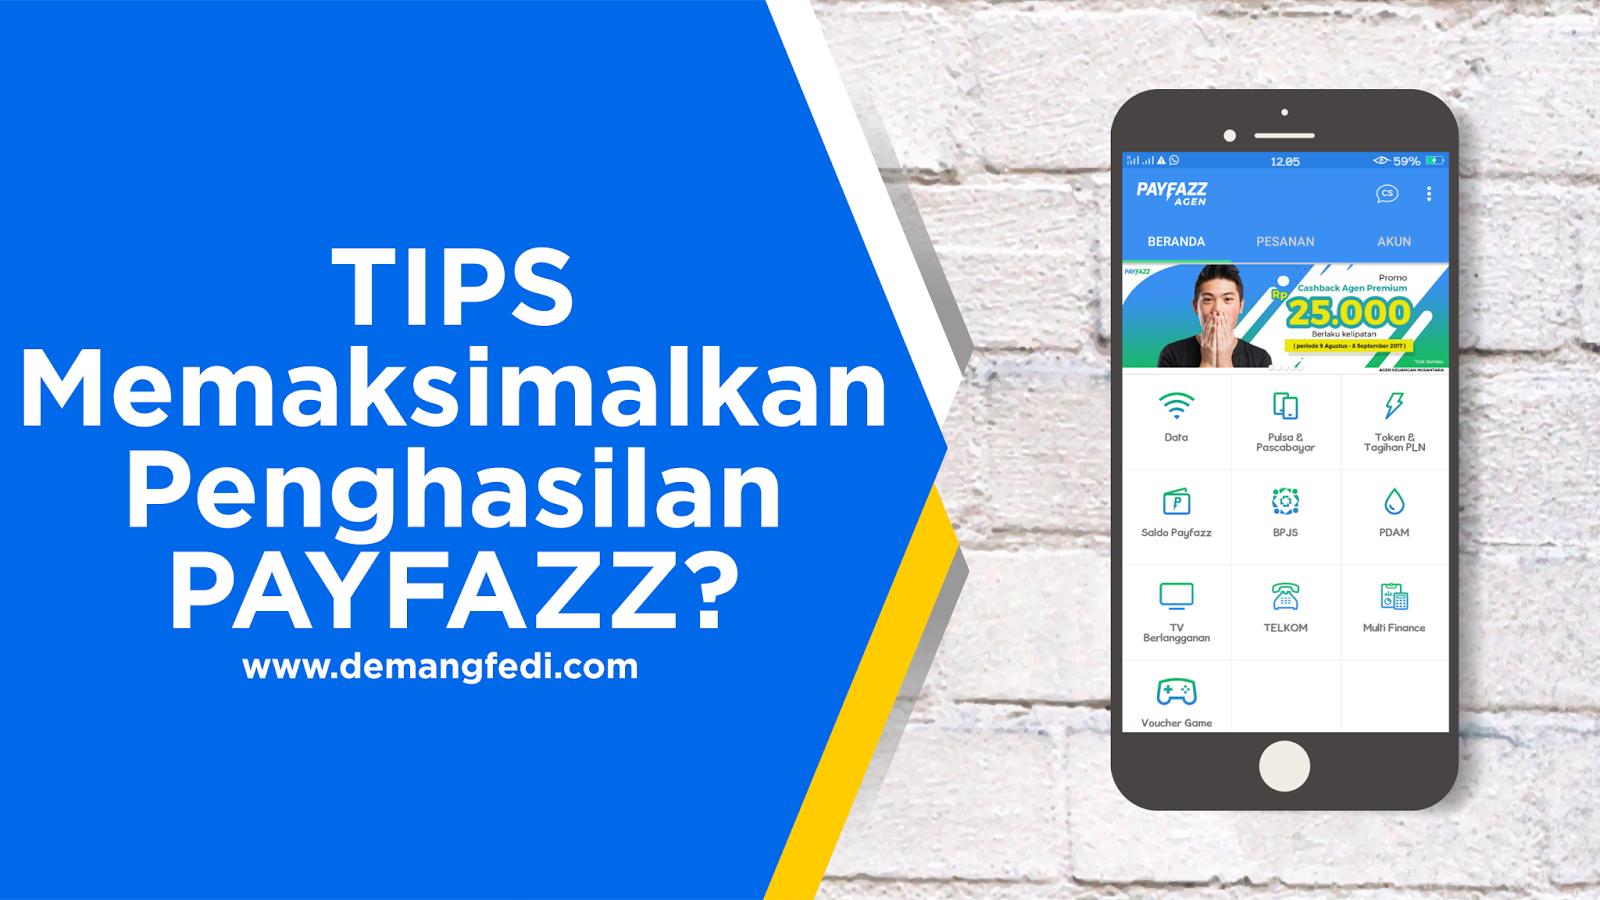 Tips Memaksimalkan Penghasilan di Payfazz